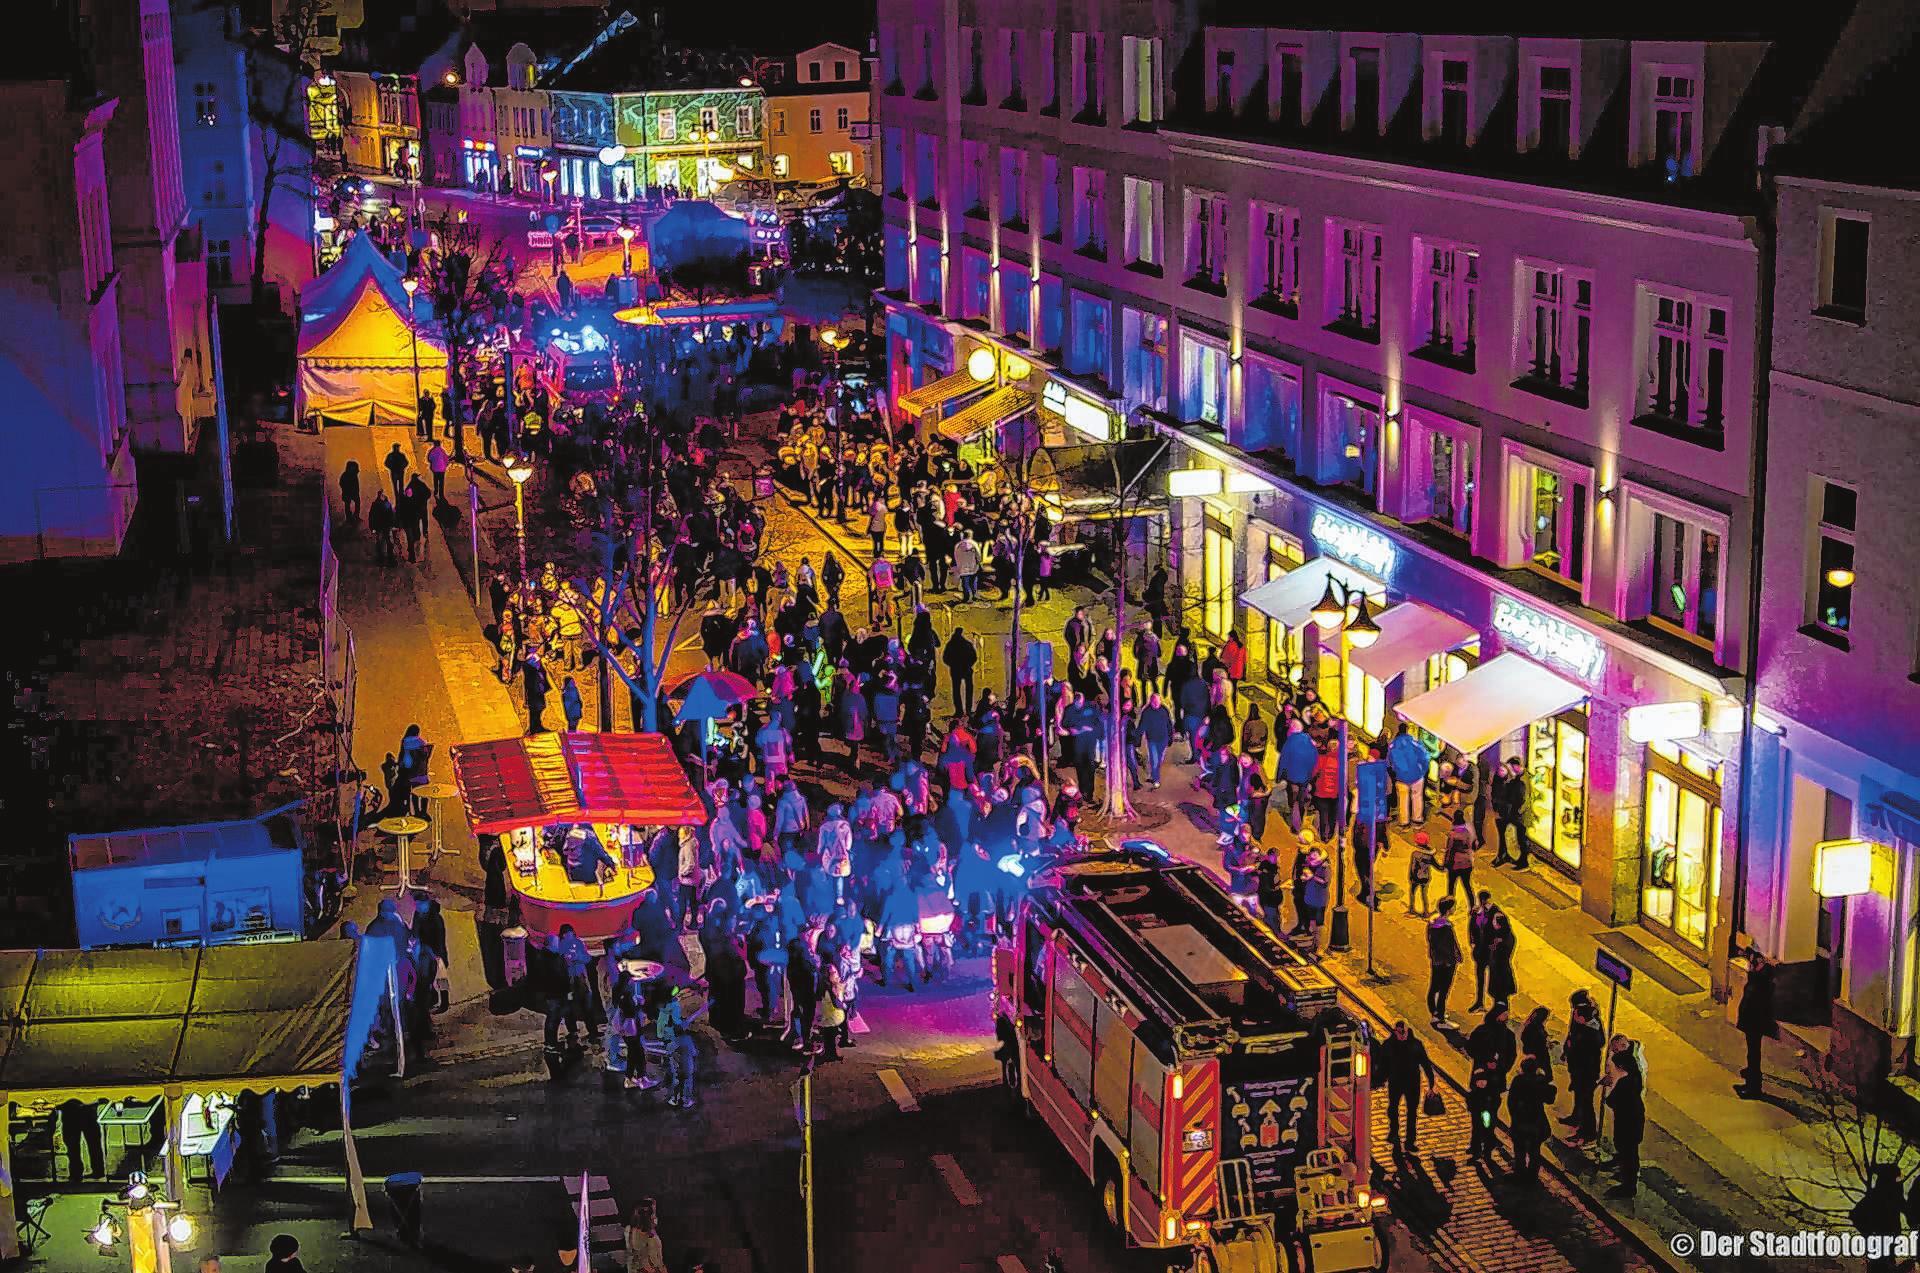 Lichtinstallationen und Feuerspiele tauchen die Fürstenwalder Innenstadt in ein magisches Licht. Anlass ist die 10. Shoppingnacht am 30. März zwischen Bahnhof und Spree. Fotos: Der Stadtfotograf